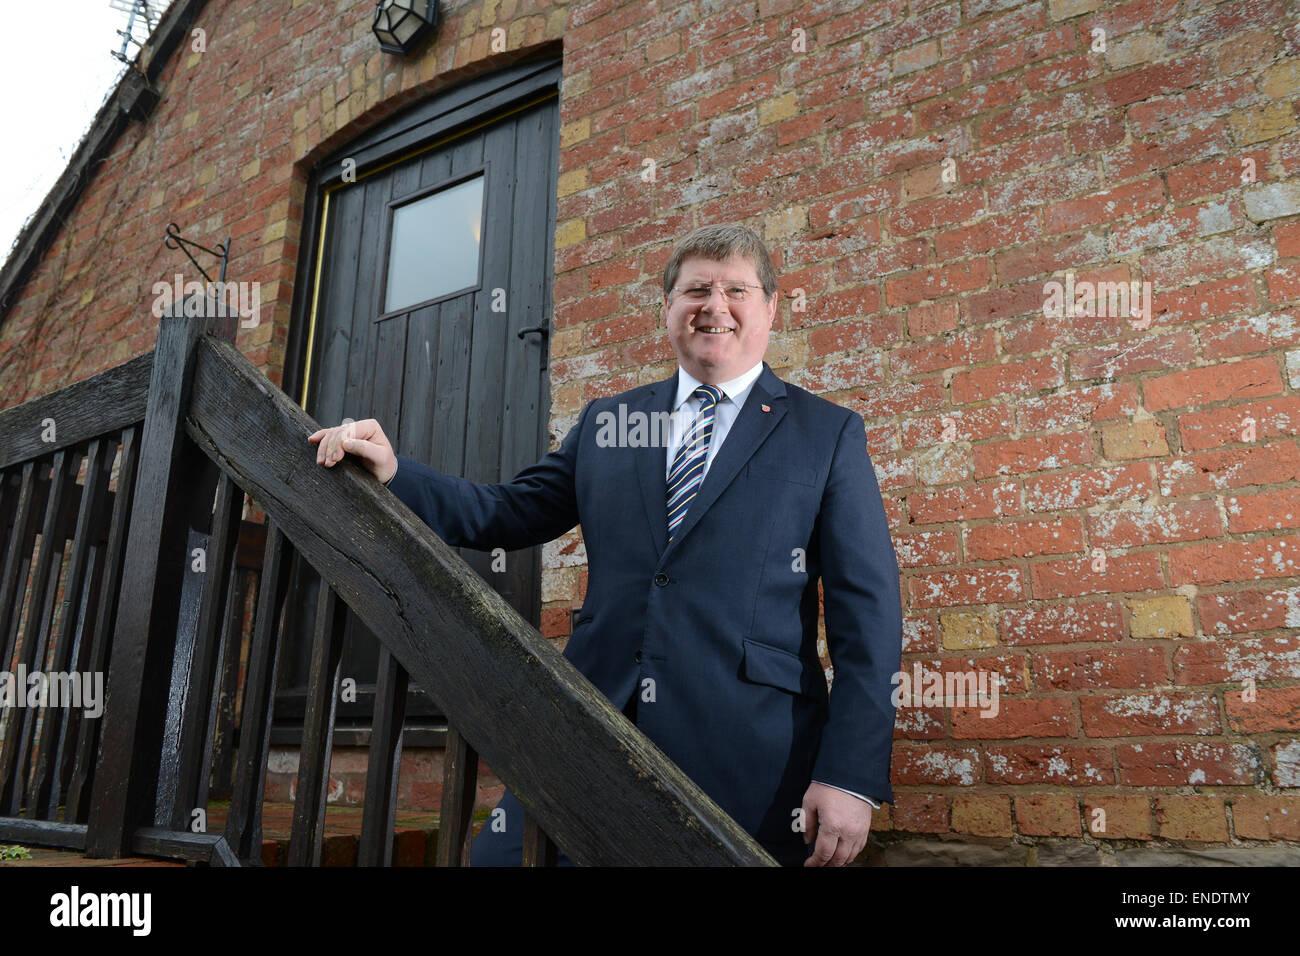 Legami Premium advisor finanziario di milioni di sterline di Robin vincitori Melley al suo capitale di matrice Ltd Immagini Stock